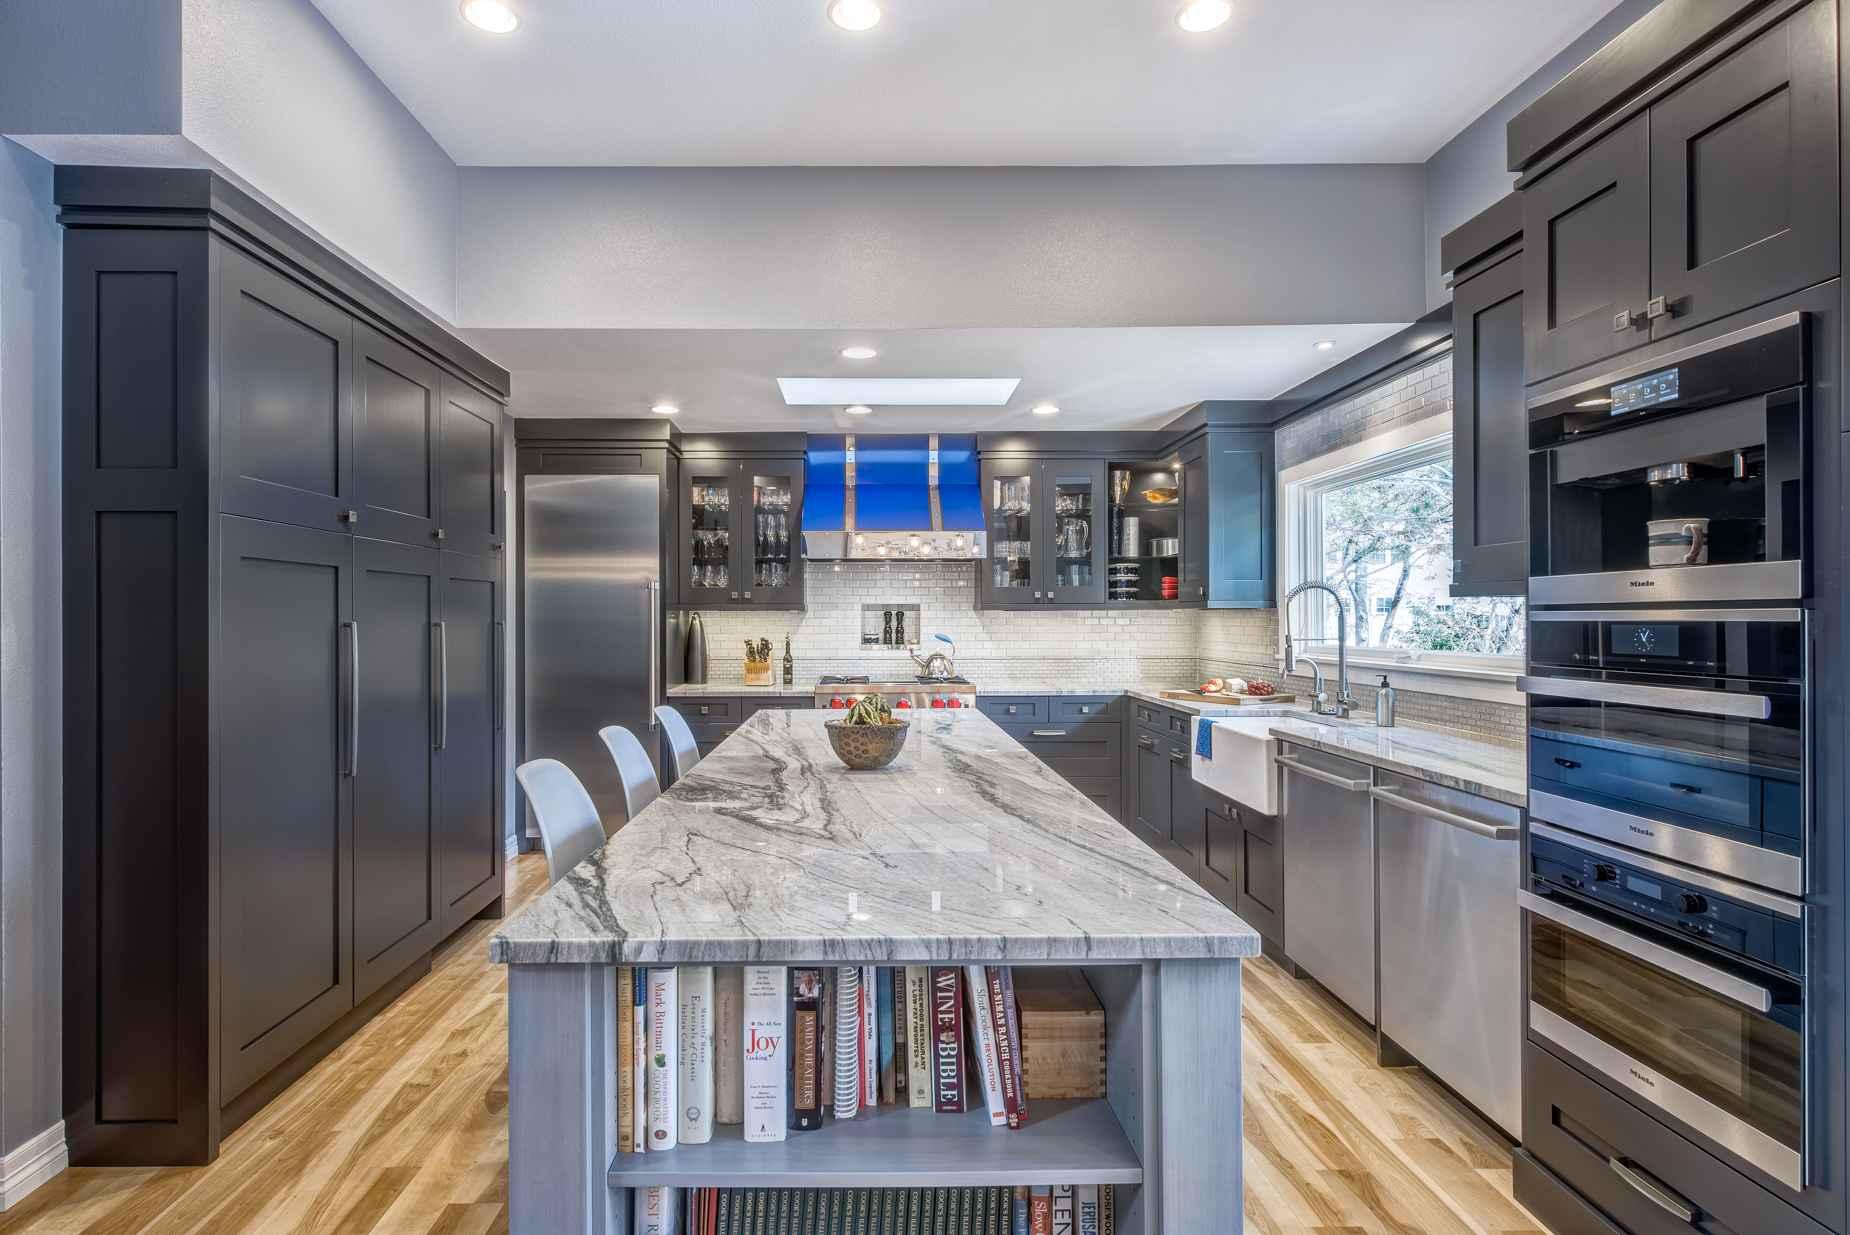 le domaine de chef — sanctuary kitchen and bath design.jpg